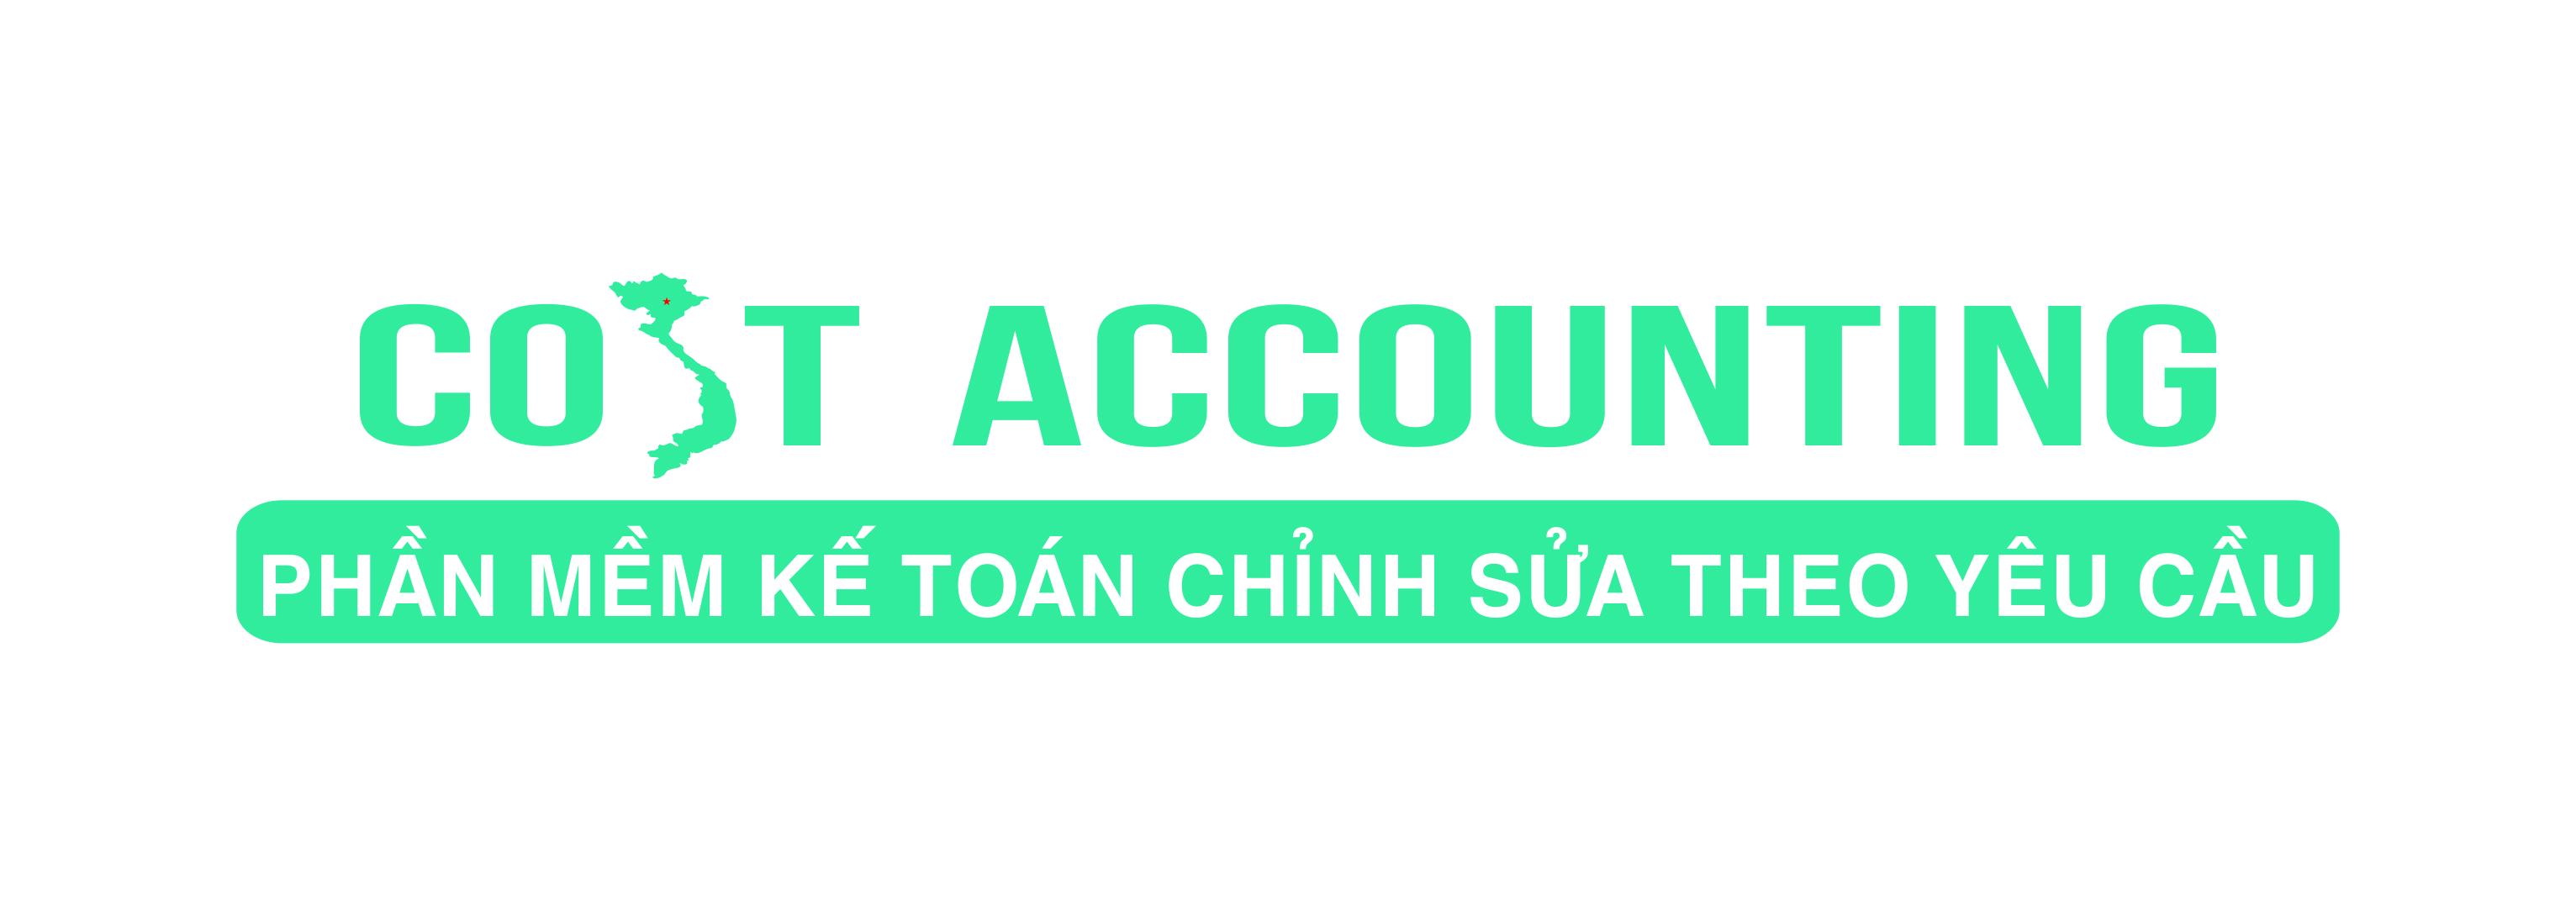 Phần mềm kế toán Cost Accounting